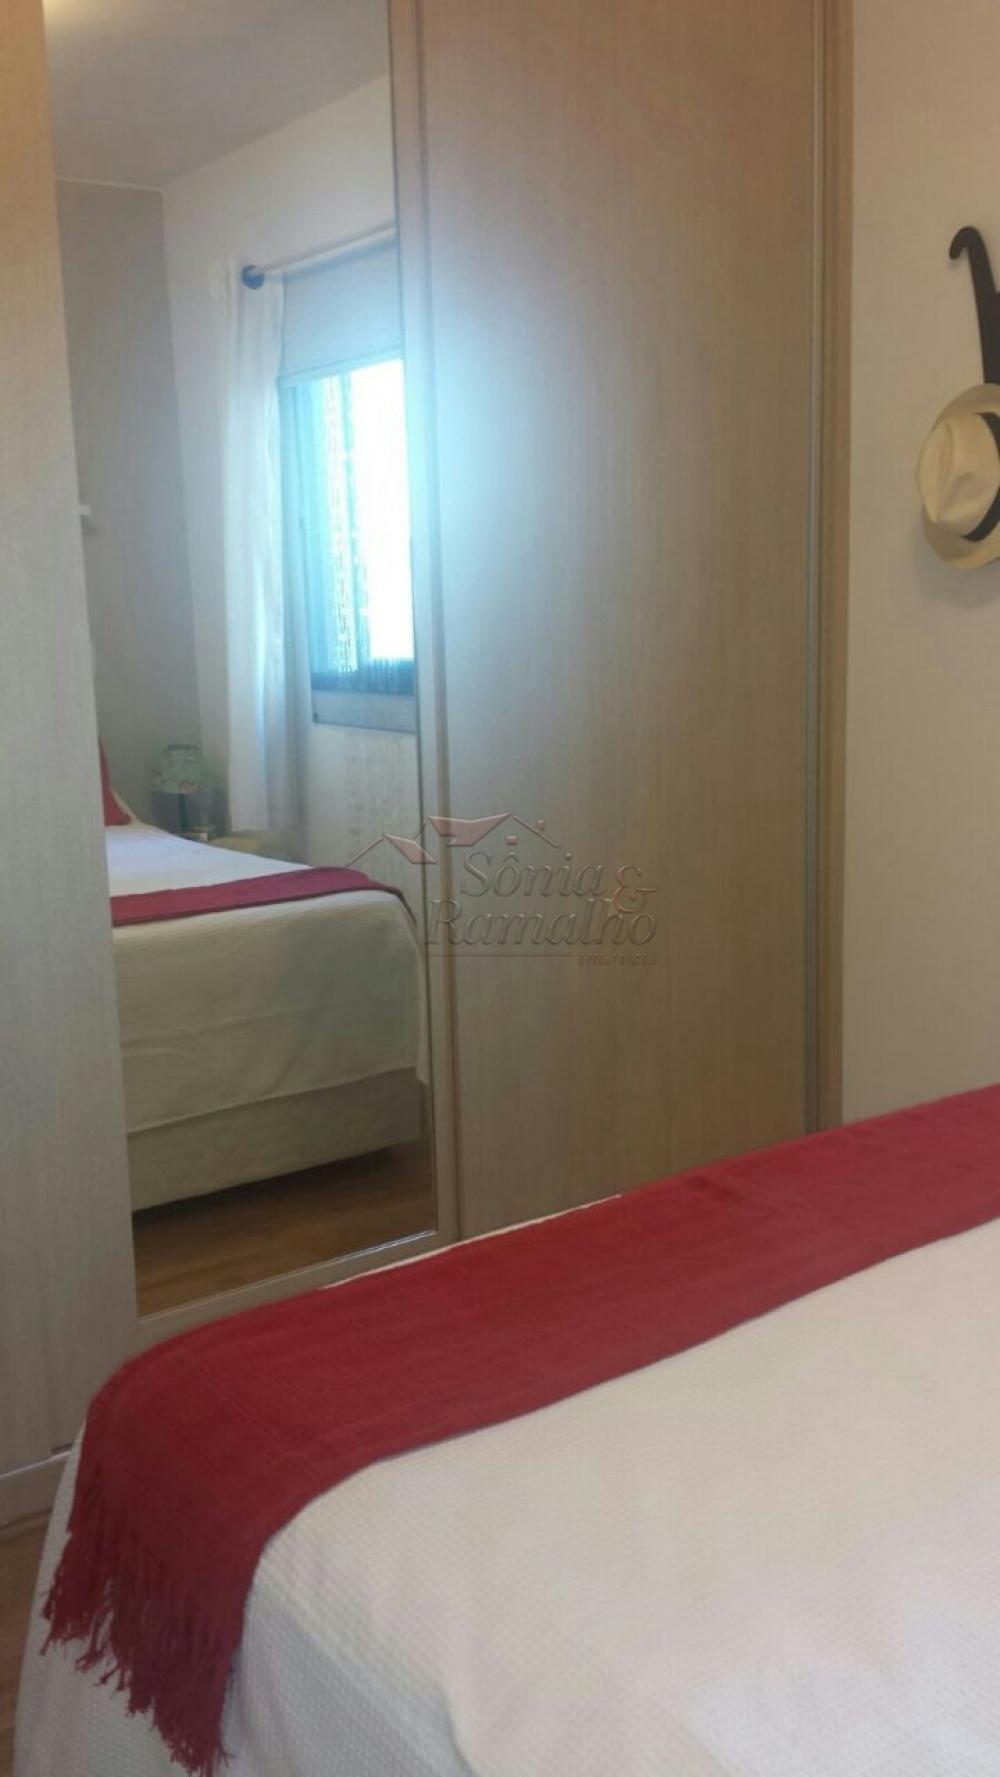 Comprar Apartamentos / Cobertura em Ribeirão Preto apenas R$ 562.000,00 - Foto 7